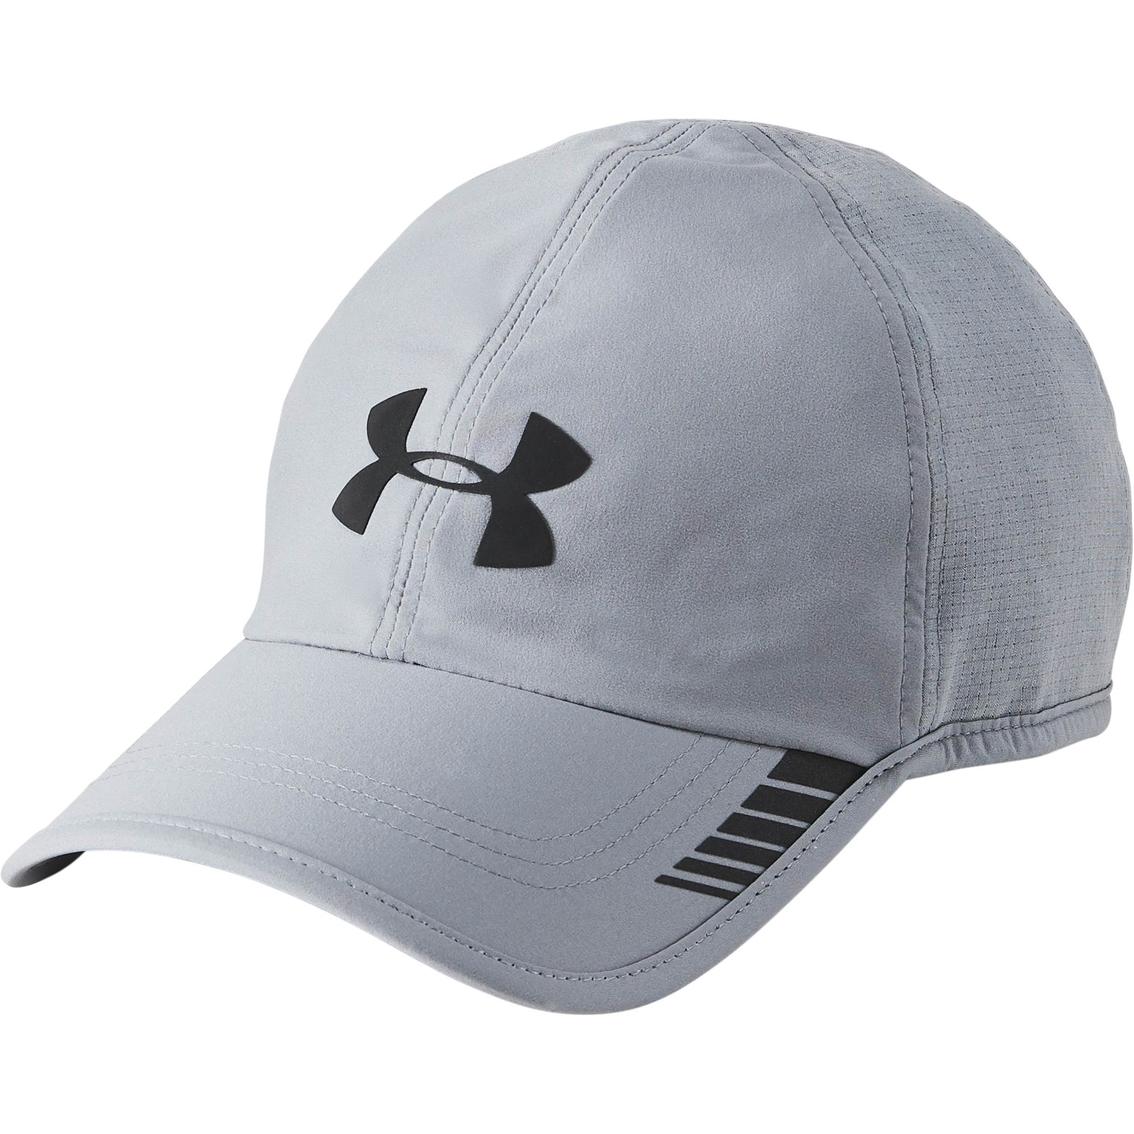 Under Armour Launch Armourvent Cap Hats Apparel Shop